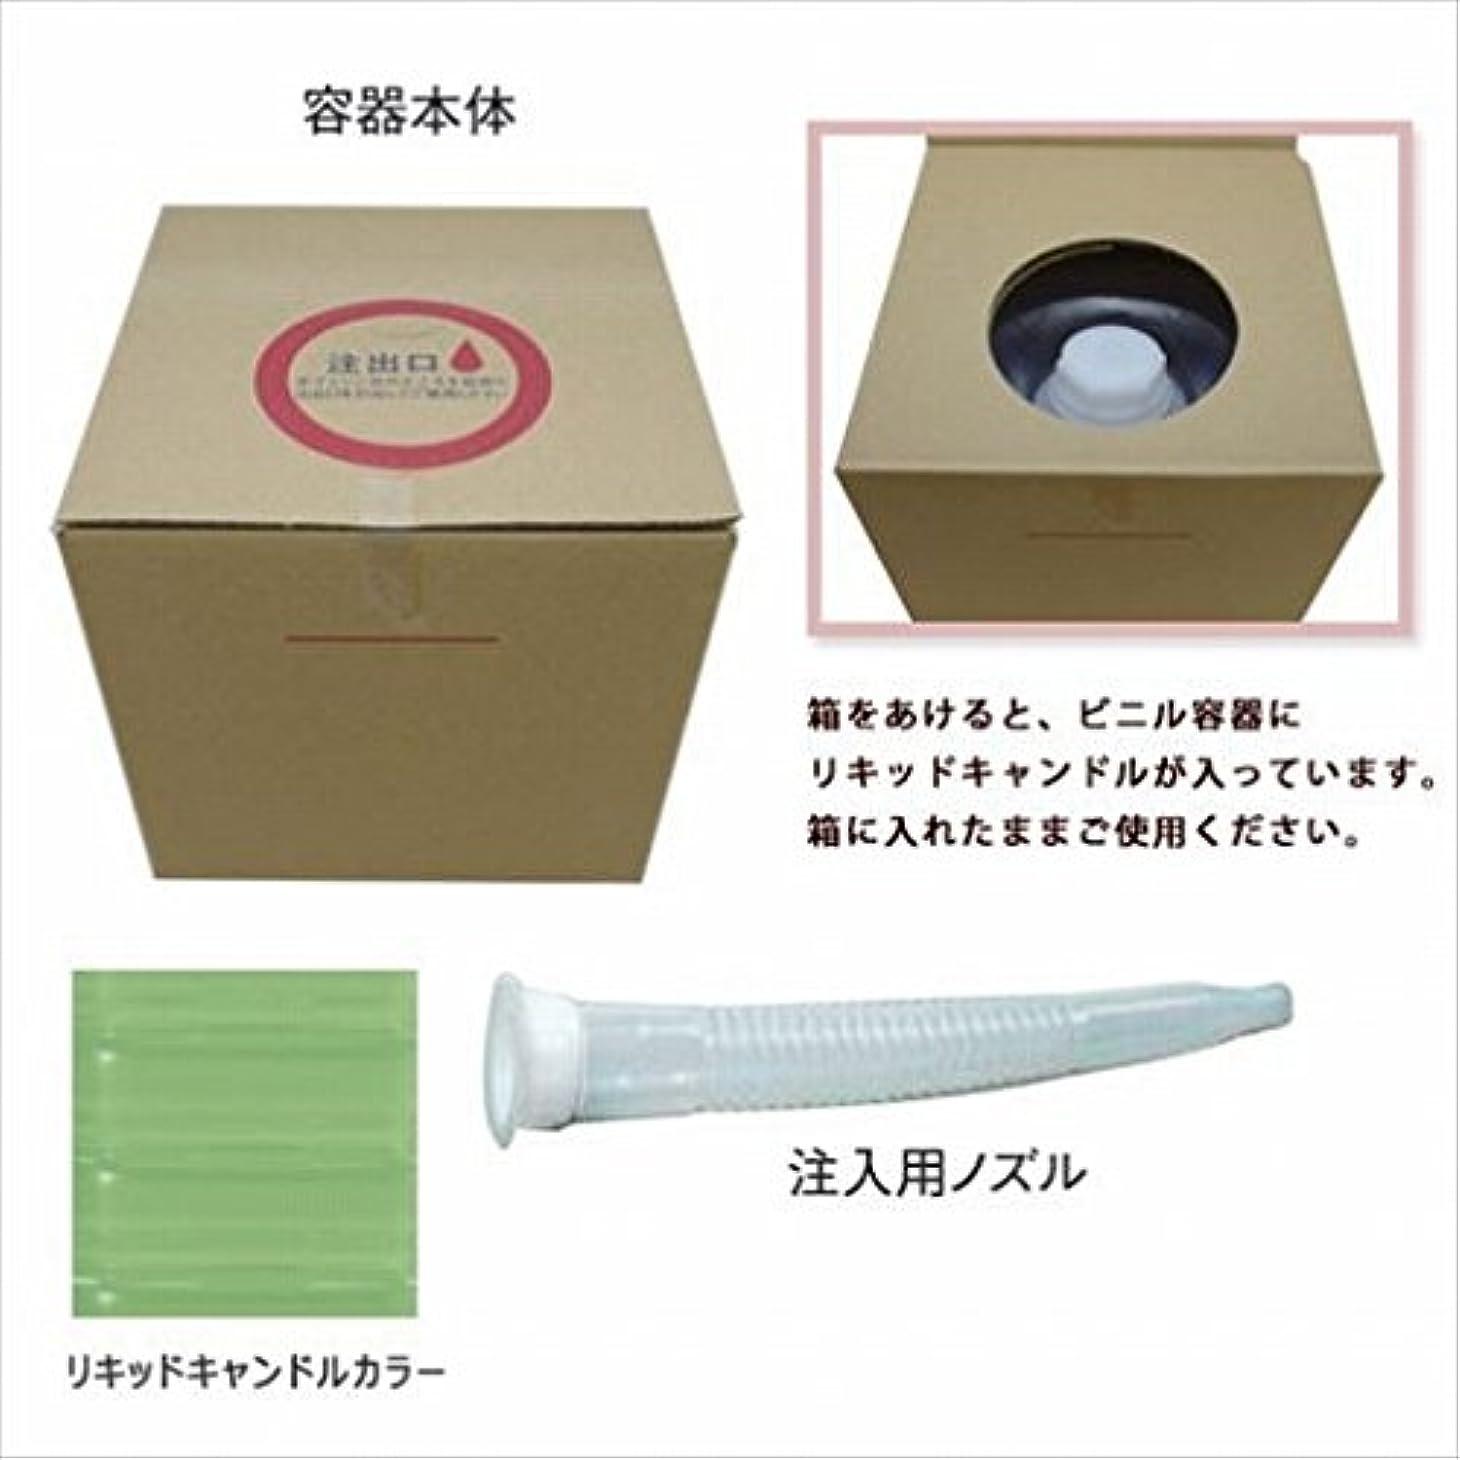 チェリー細い否定するカメヤマキャンドル(kameyama candle) リキッドキャンドル5リットル 「 ライトグリーン 」